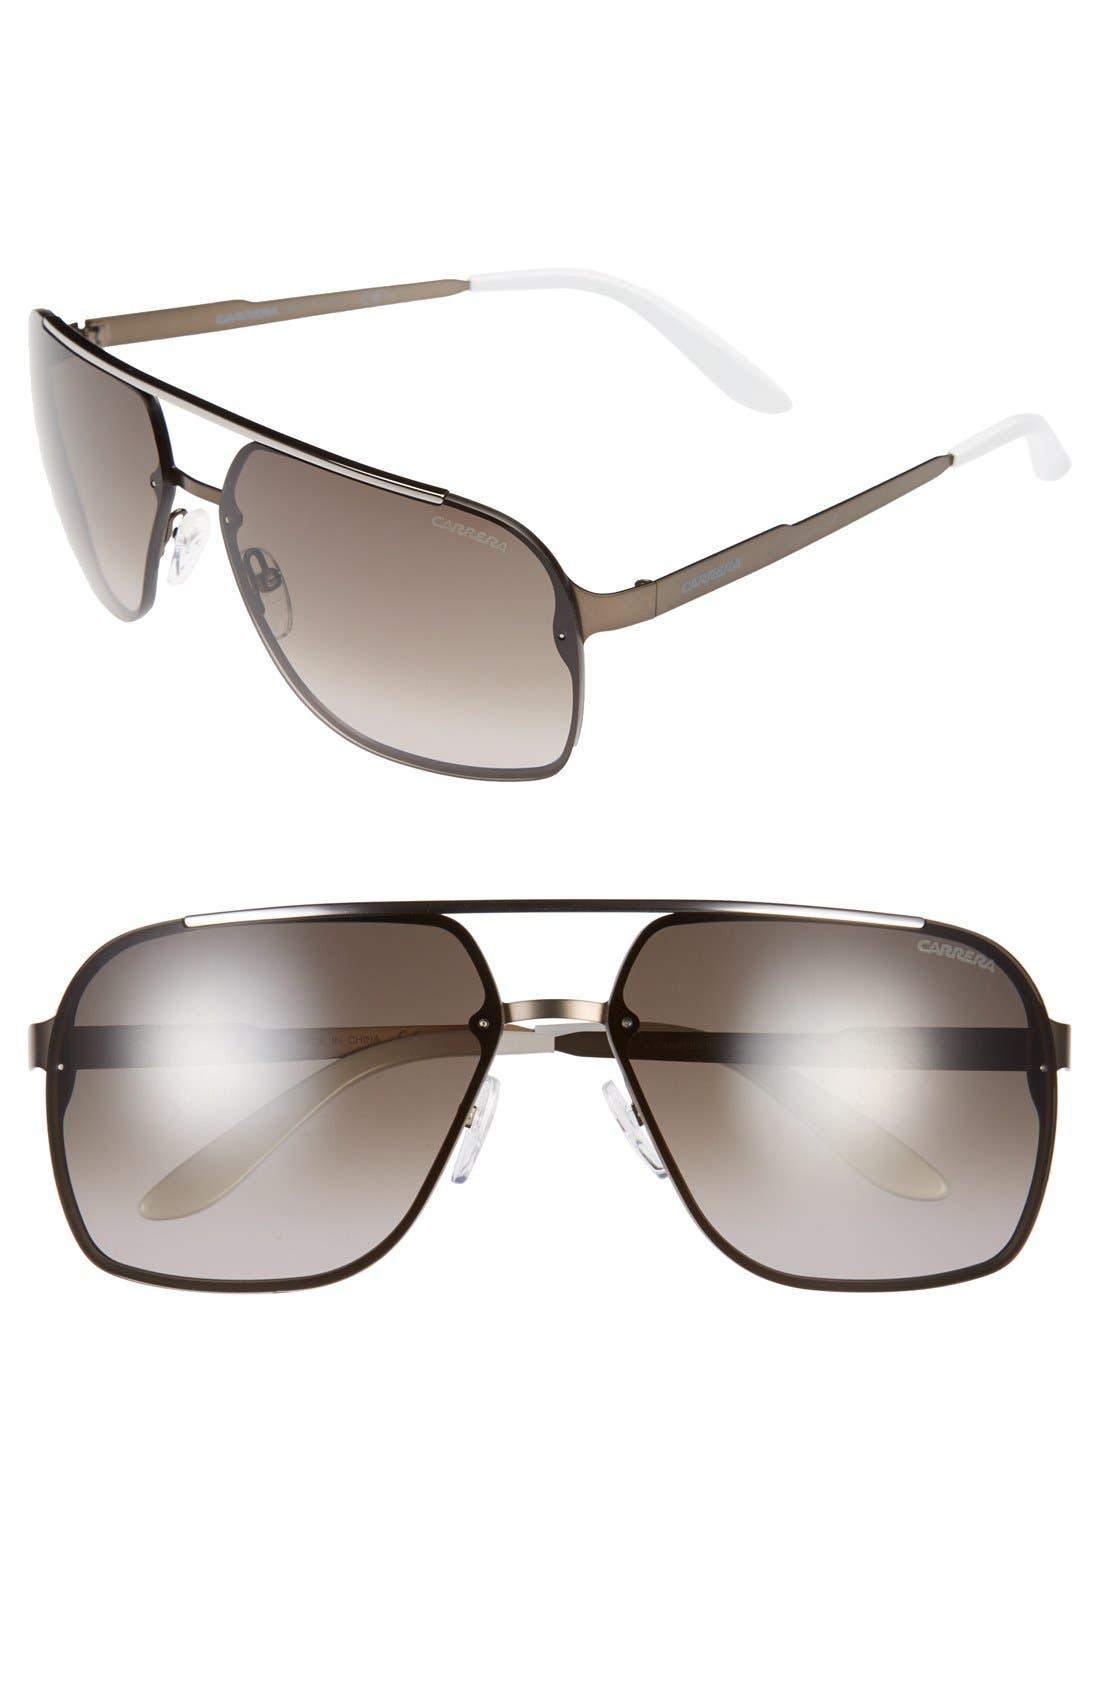 64mm Navigator Sunglasses,                             Main thumbnail 1, color,                             Matte Brown/ Brown Gradient